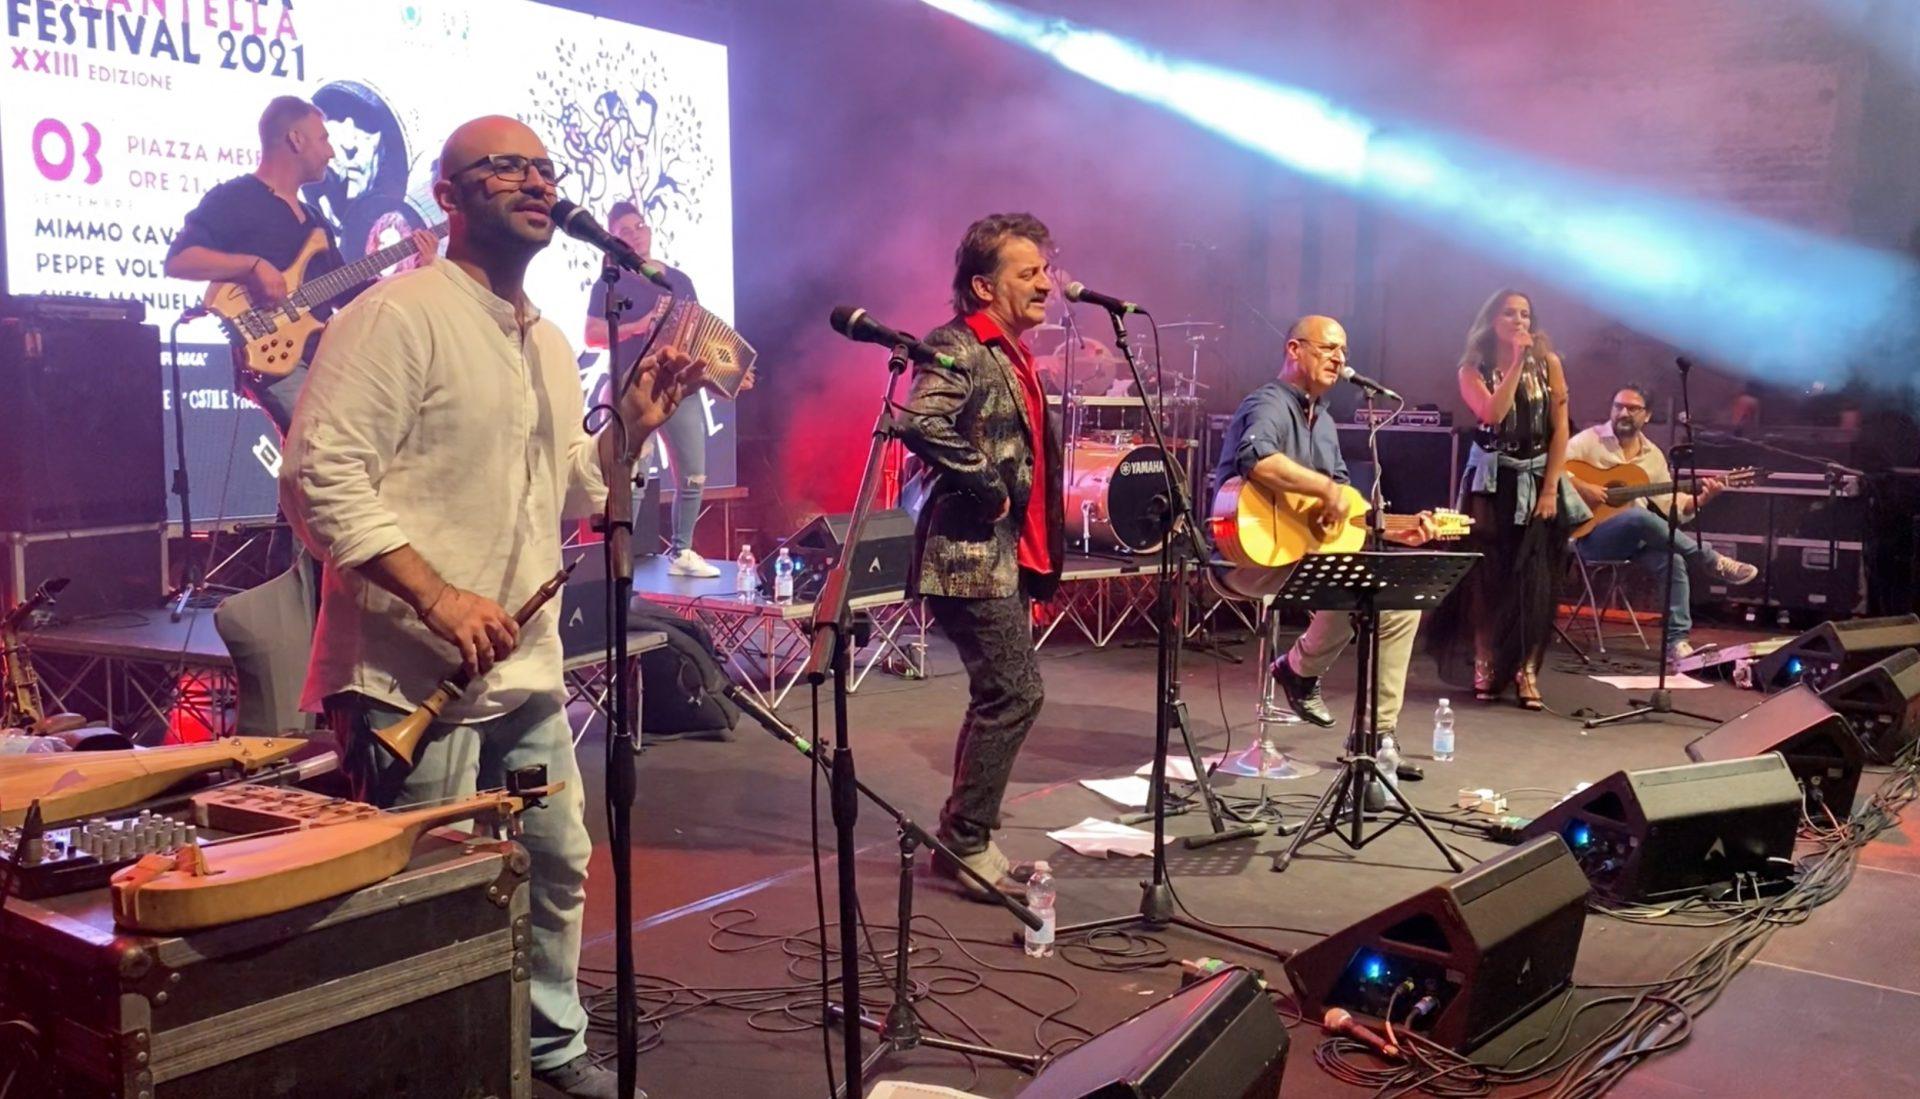 La resilienza del Kaulonia Tarantella Festival. Piazza Mese e la musica ritrovata